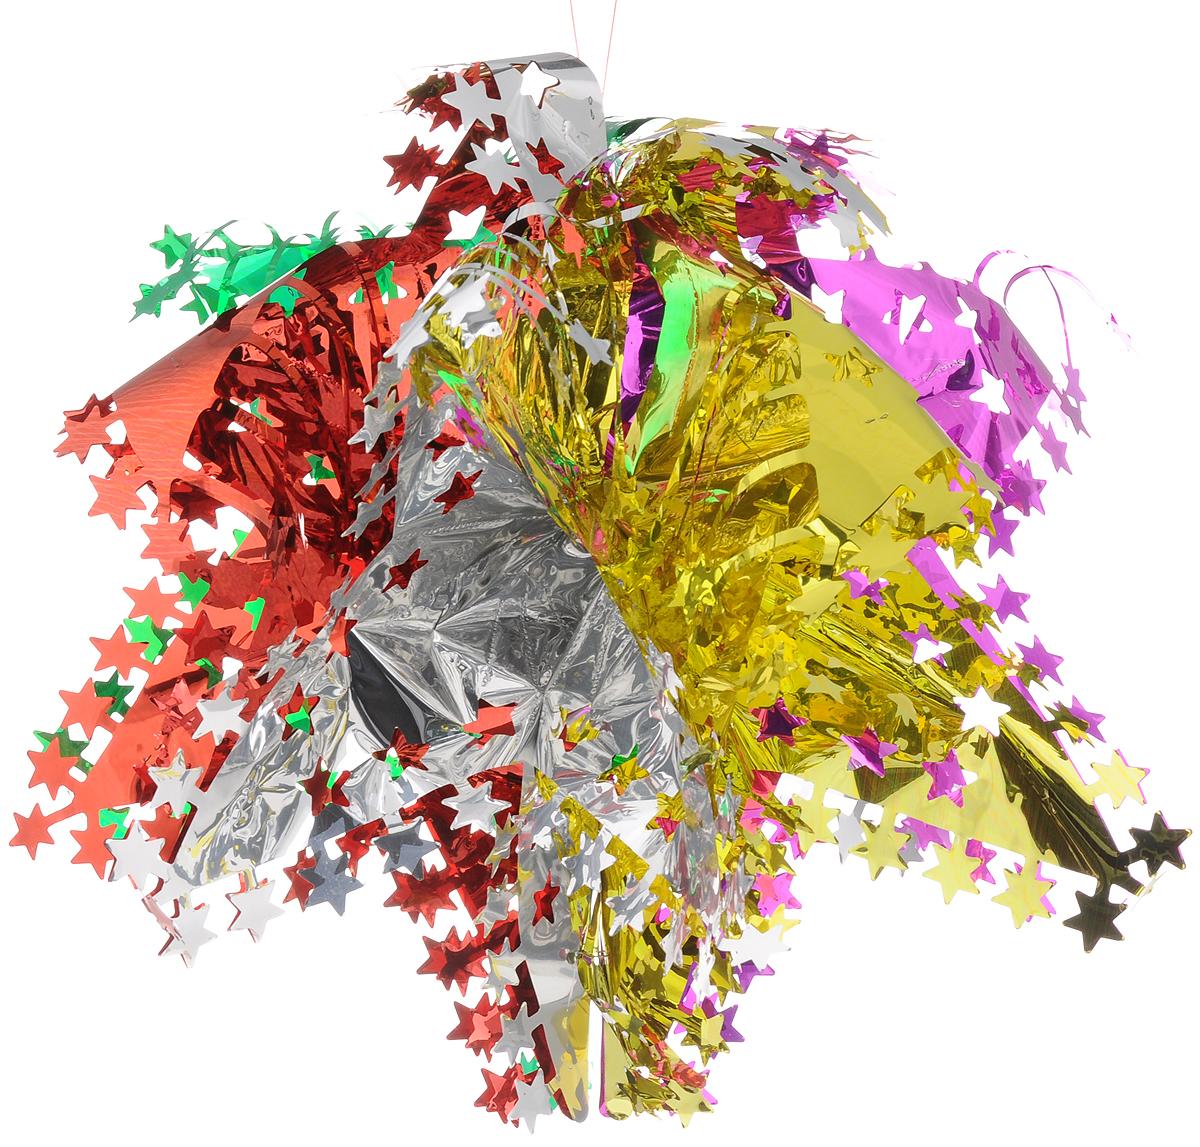 Украшение новогоднее подвесное Magic Time Маленькая цветная галактика, 50 x 25 см42125Новогоднее подвесное украшение Magic Time Маленькая цветная галактика выполнено из ПЭТ (полиэтилентерефталат) в виде снежинки. С помощью специальной петельки украшение можно повесить в любом понравившемся вам месте. Игрушка удачно будет смотреться под потолком. Новогоднее украшение Magic Time Маленькая цветная галактика несет в себе волшебство и красоту праздника. Создайте в своем доме атмосферу веселья и радости, с помощью игрушек, которые будут из года в год накапливать теплоту воспоминаний. Материал: полиэтилентерефталат. Размер: 50 x 25 см.